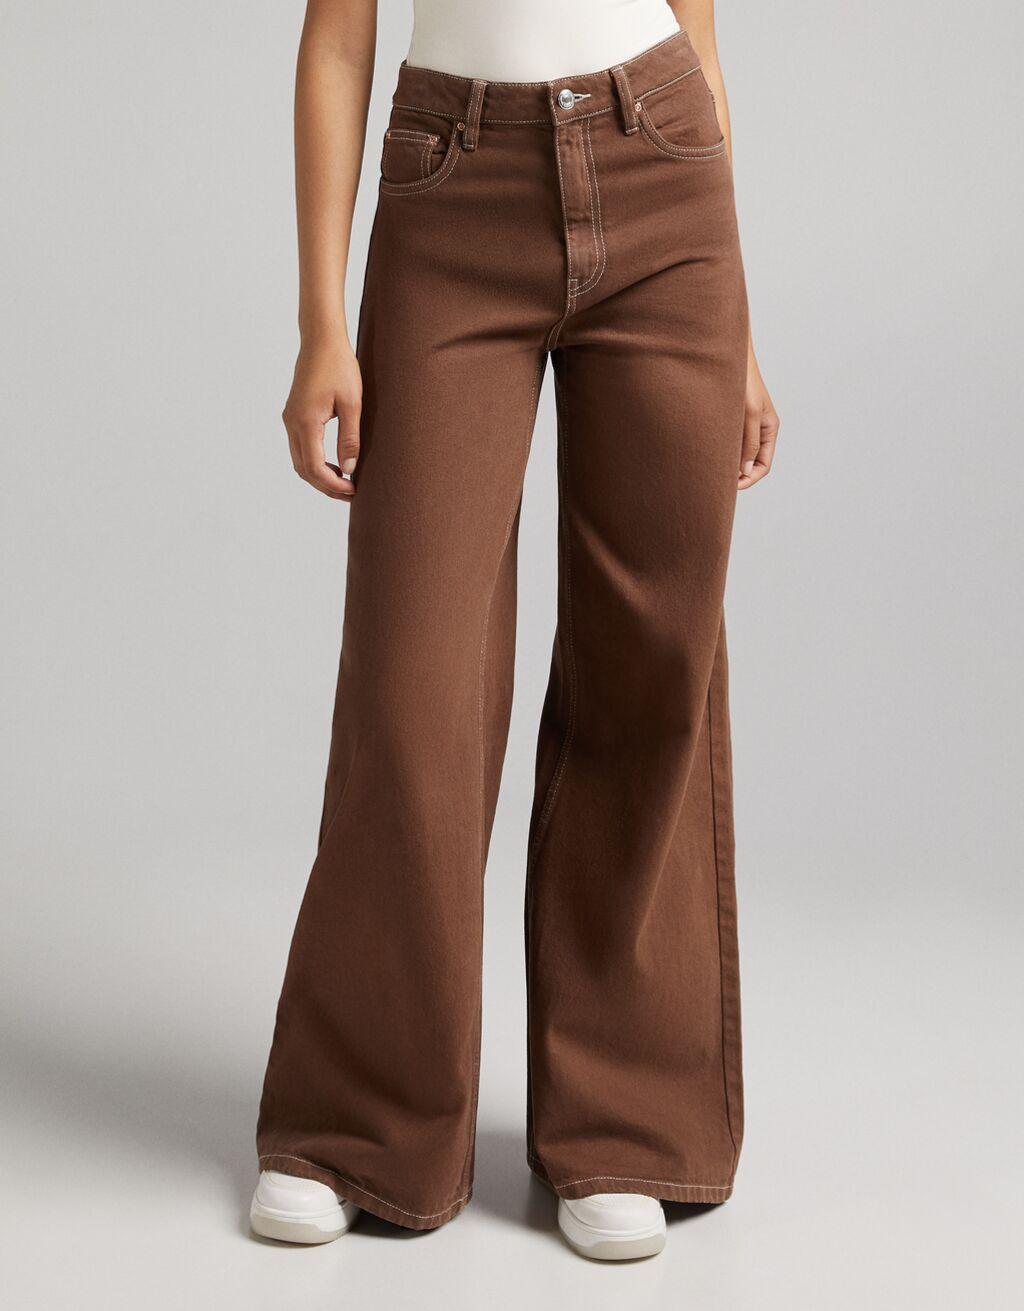 Pantalón sarga wide leg 70's contraste